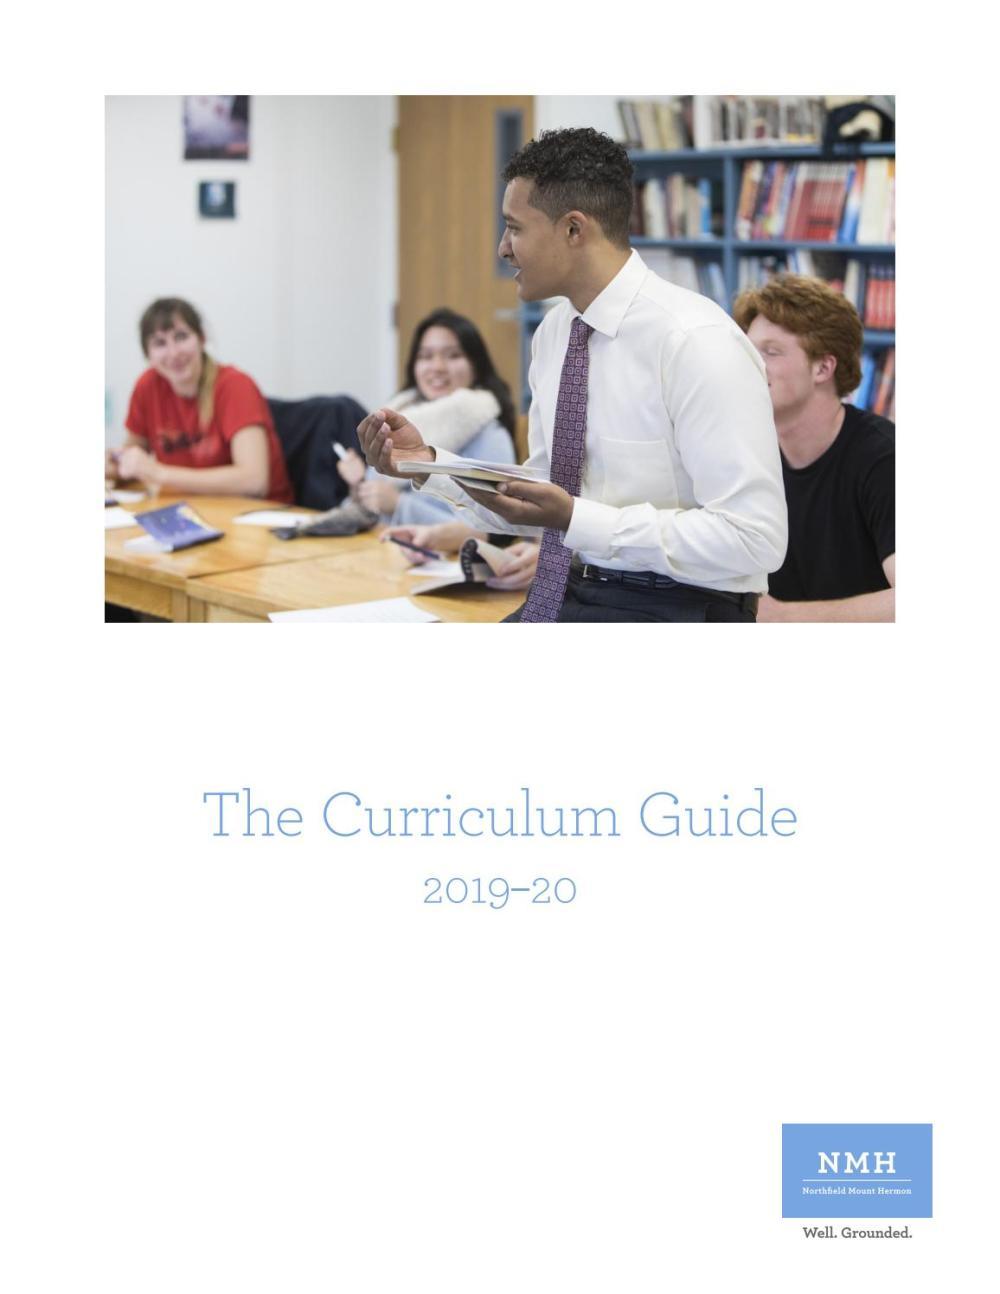 medium resolution of 2019 curriculum guide